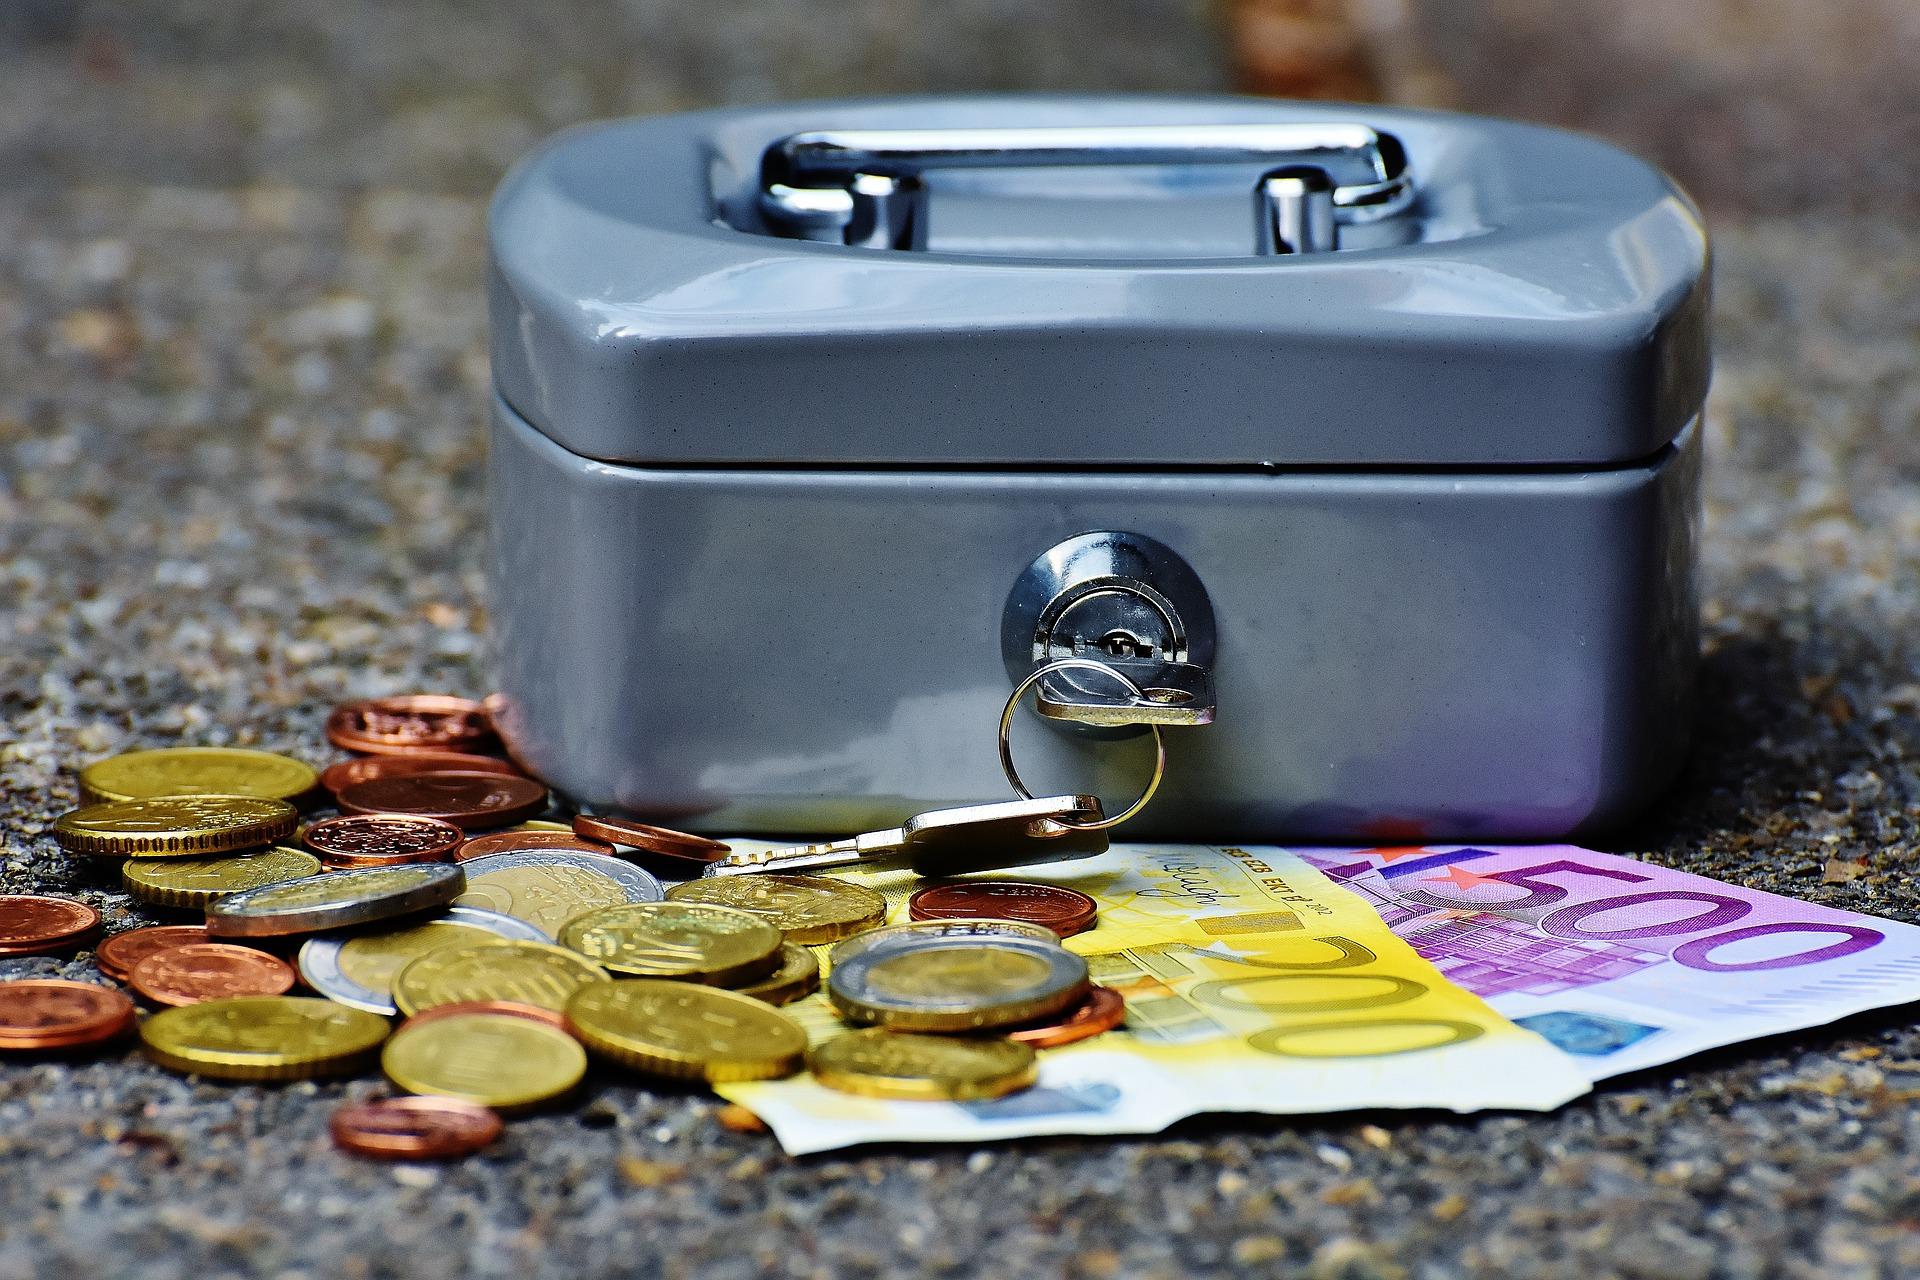 winst overschrijven naar privérekening